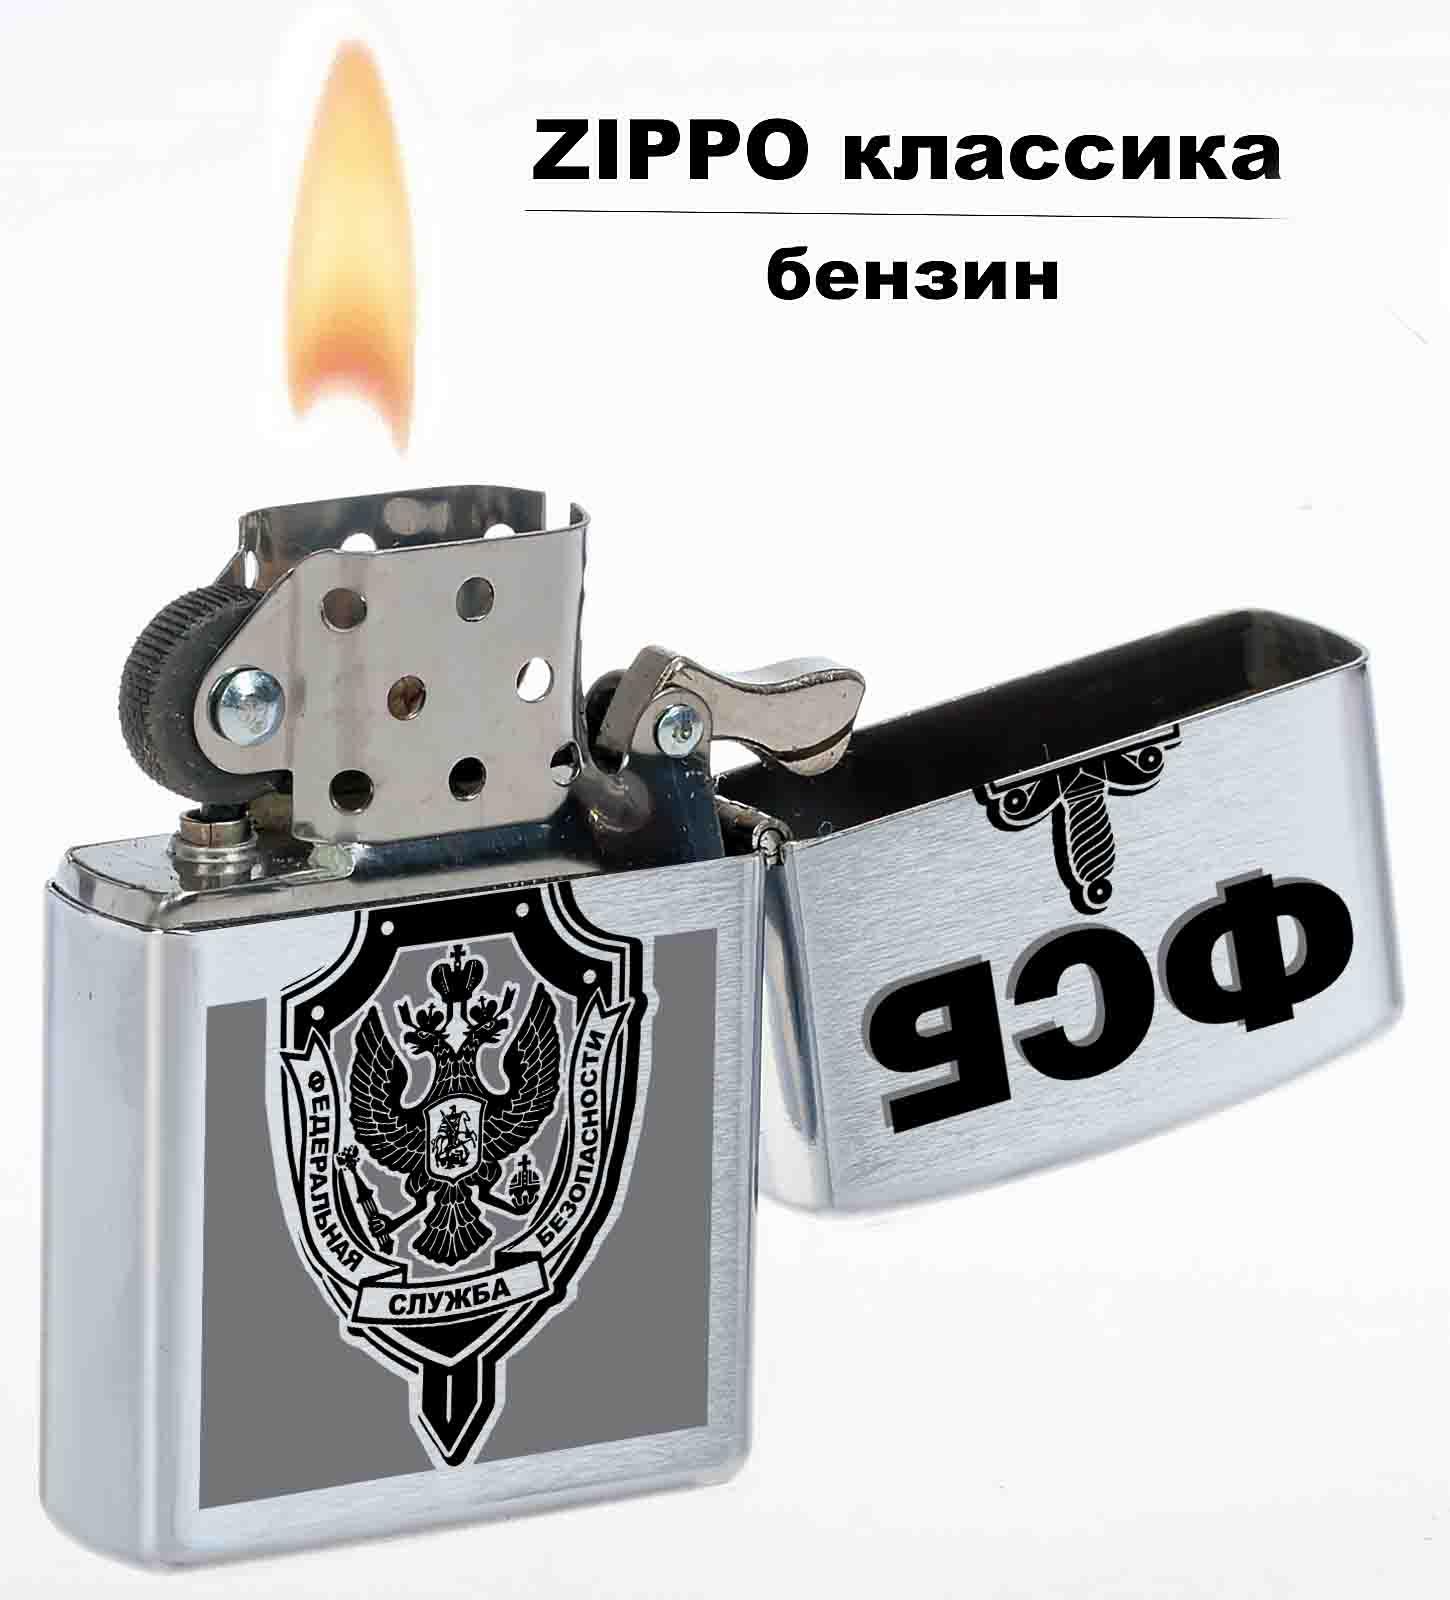 Достойная зажигалка с эмблемой ФСБ от Военпро